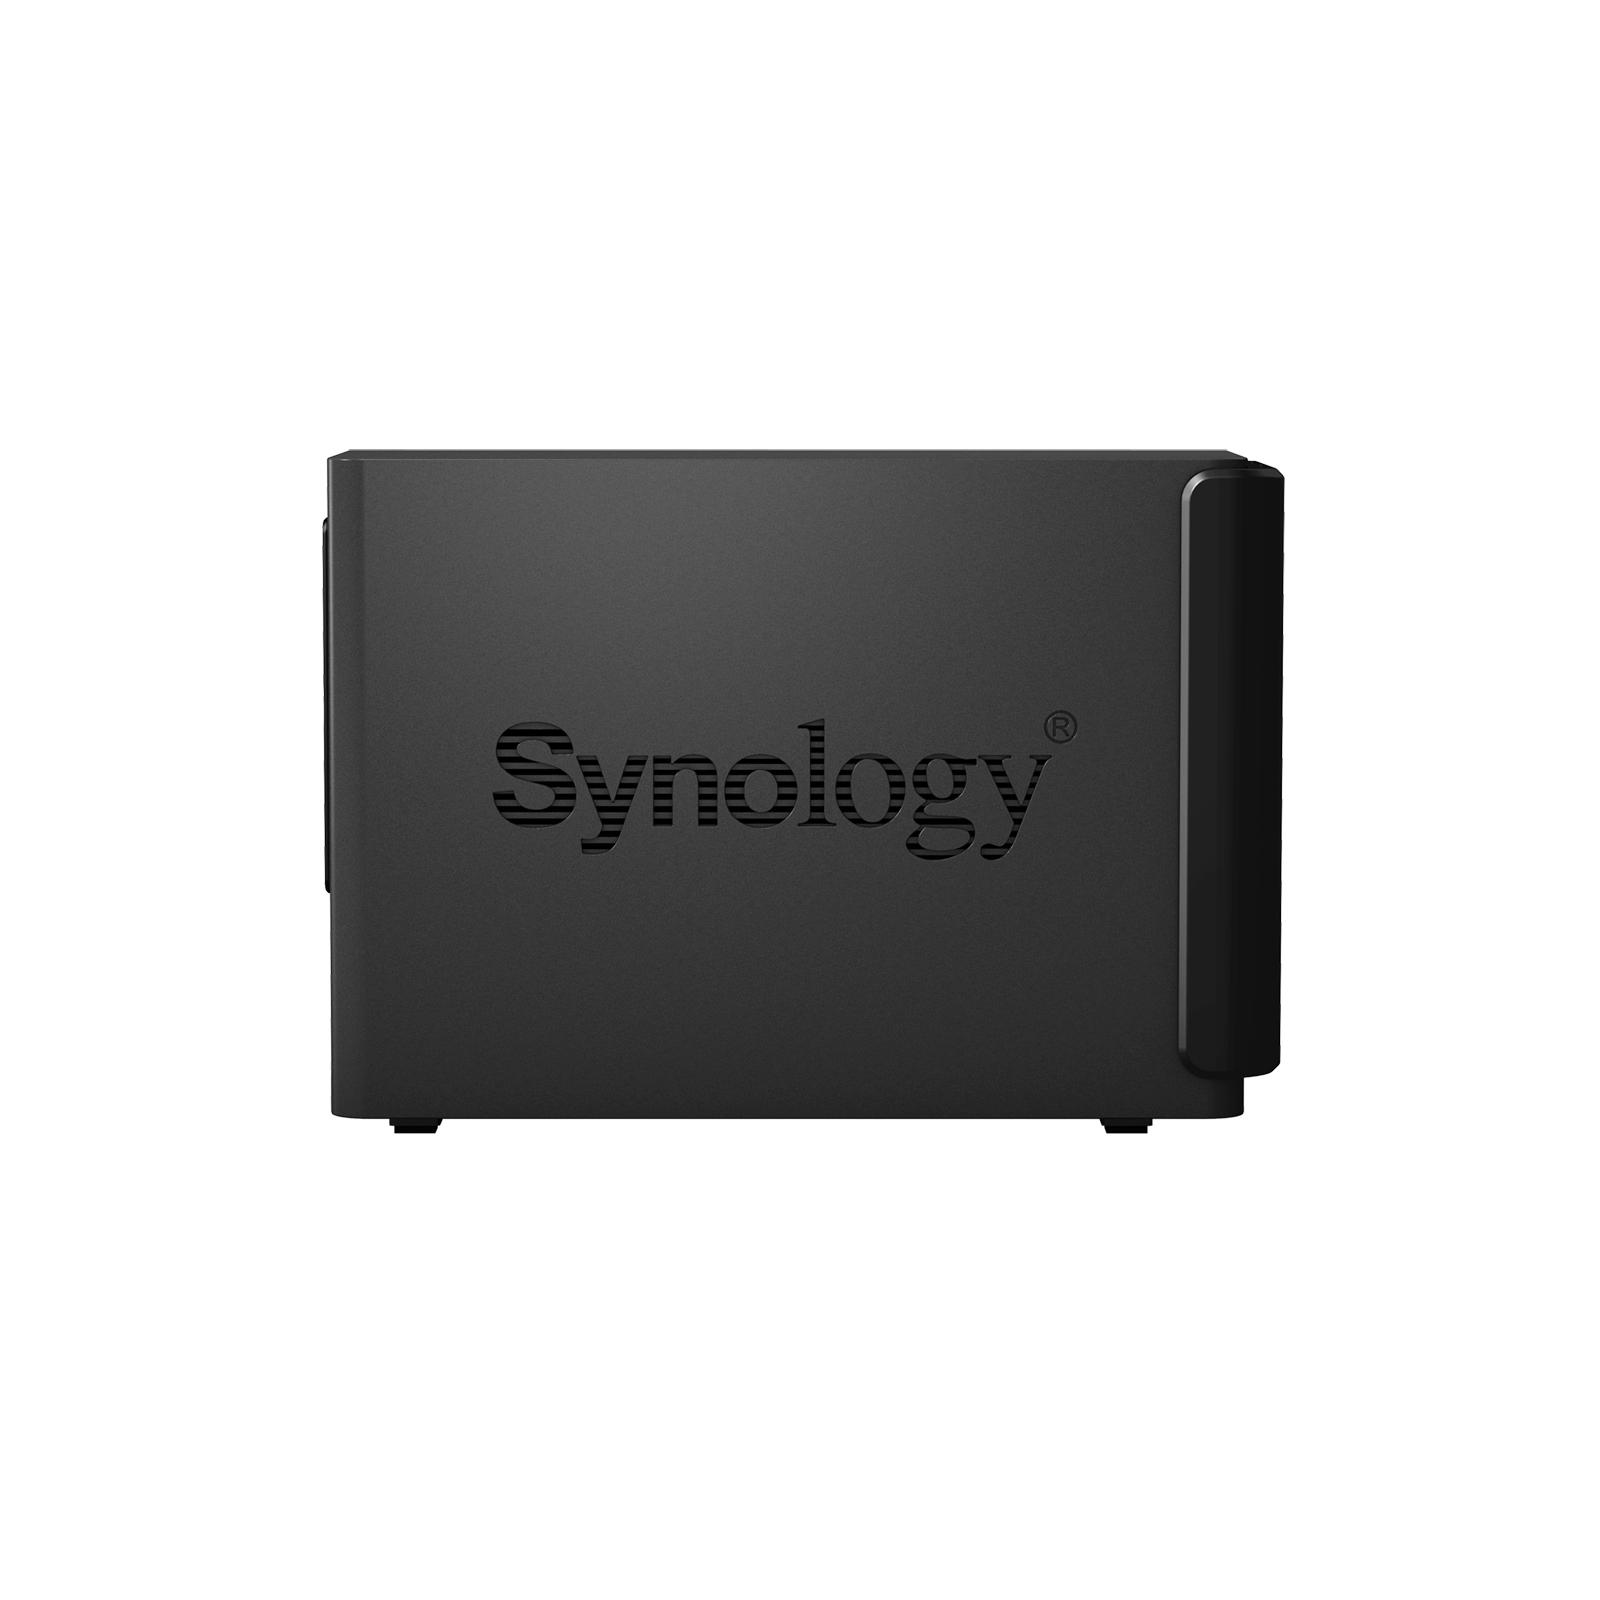 NAS Synology DS216+ изображение 5